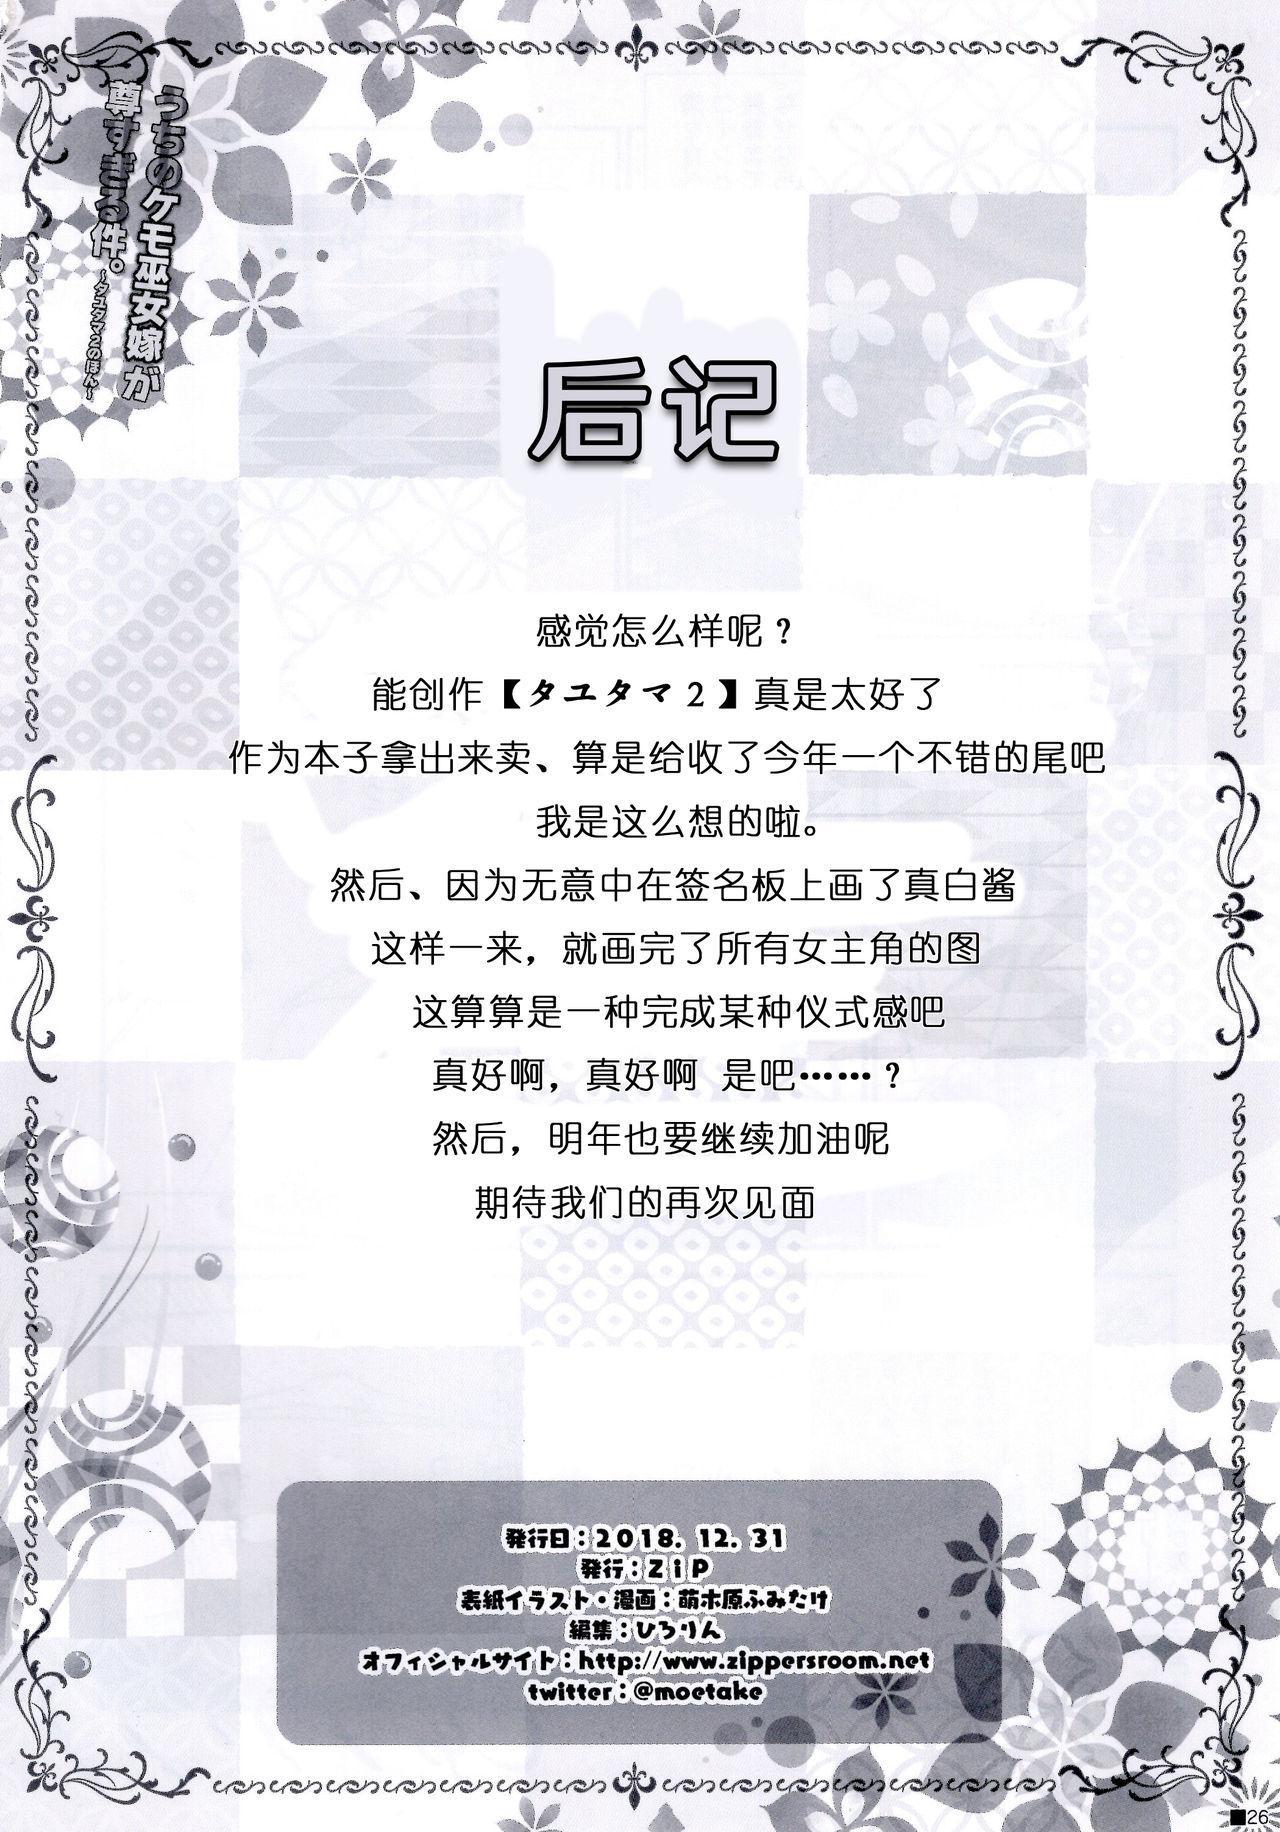 Uchi no Kemo Miko Yome ga Touto Sugiru Ken. 26